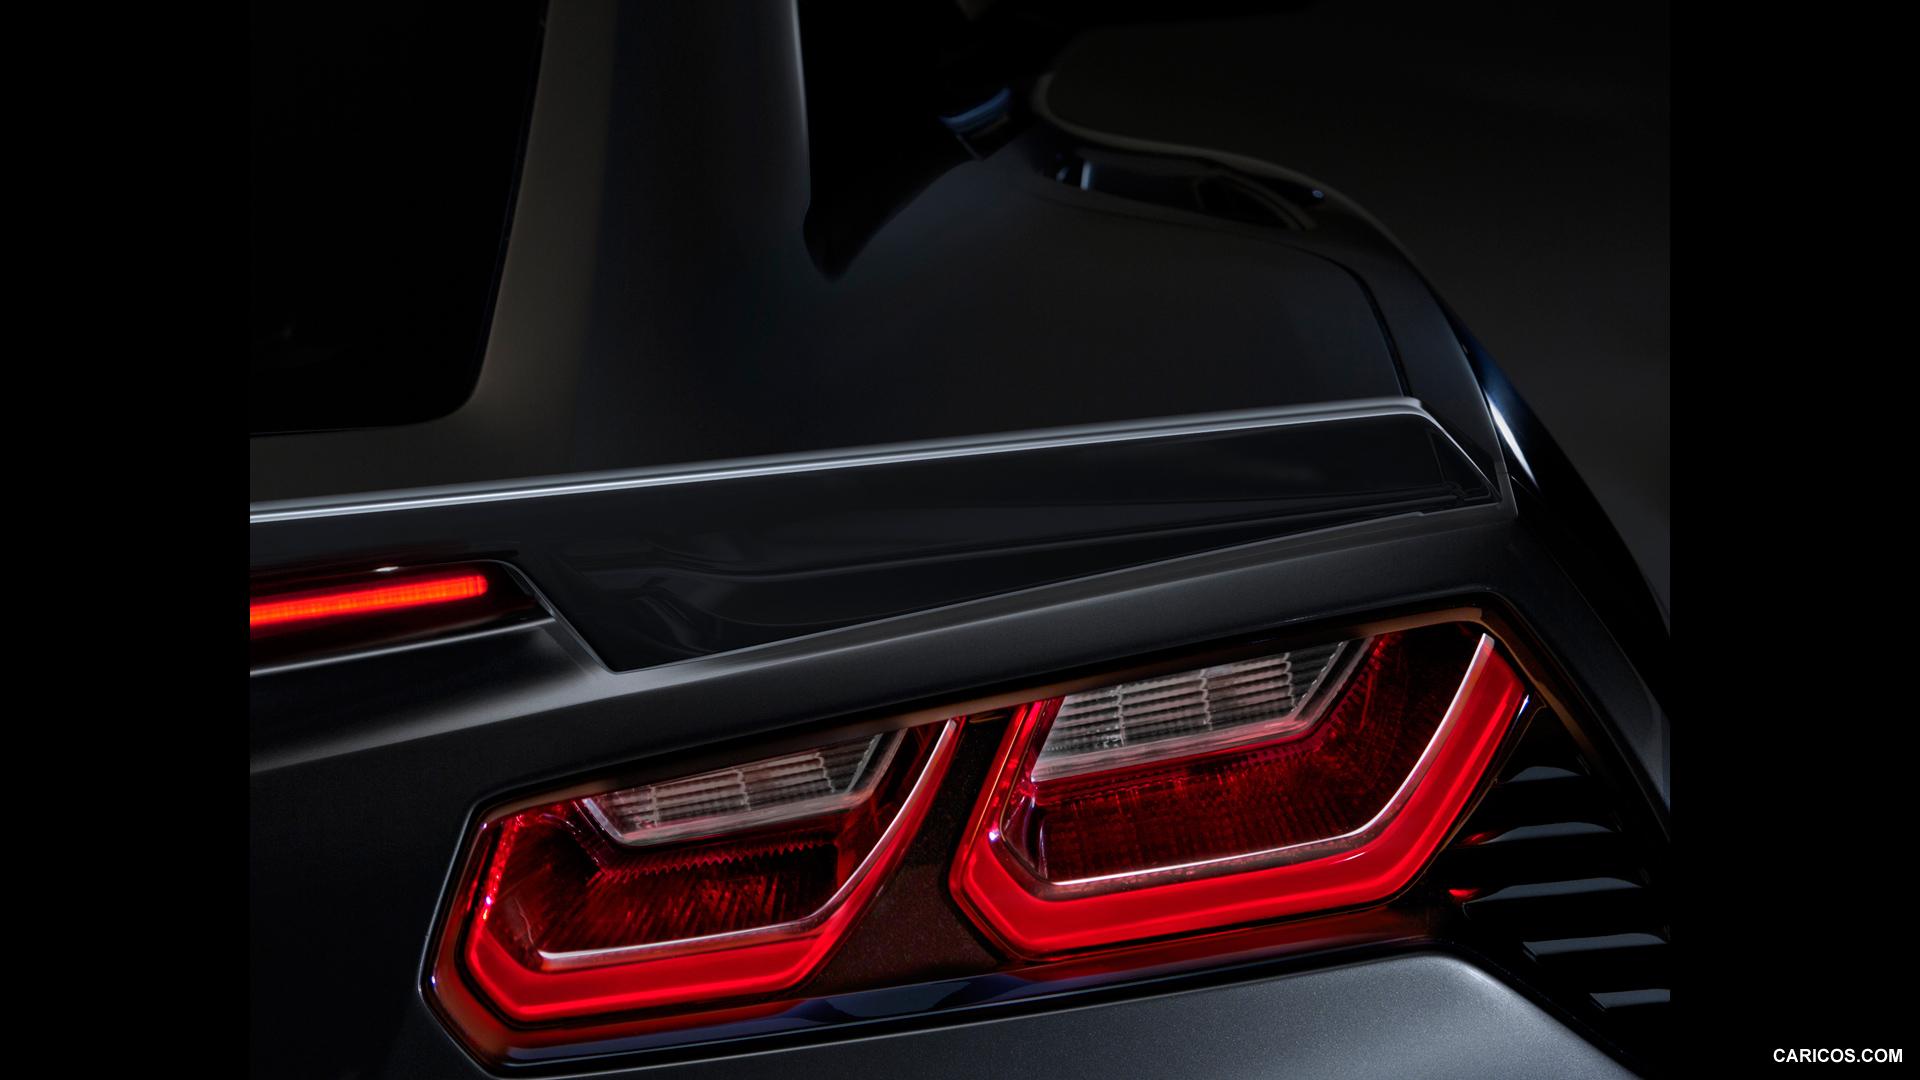 2014 Chevrolet Corvette Stingray Tail Light - Wallpaper